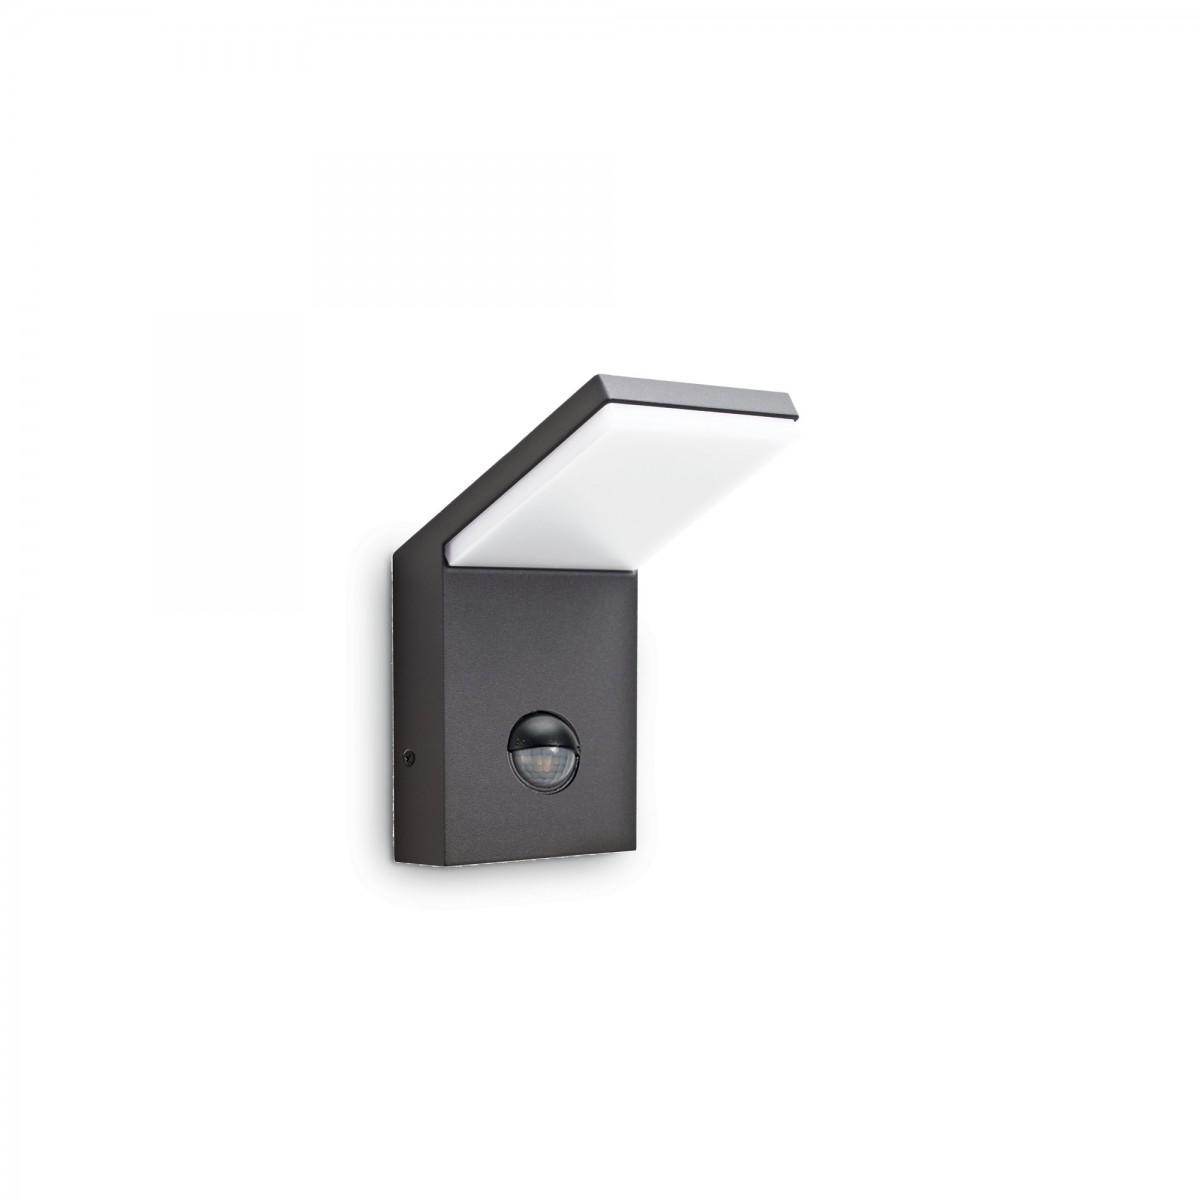 Ideal Lux 221519 LED venkovní nástěnné svítidlo s pohybovým čidlem Style 1x5W|4000K|IP54